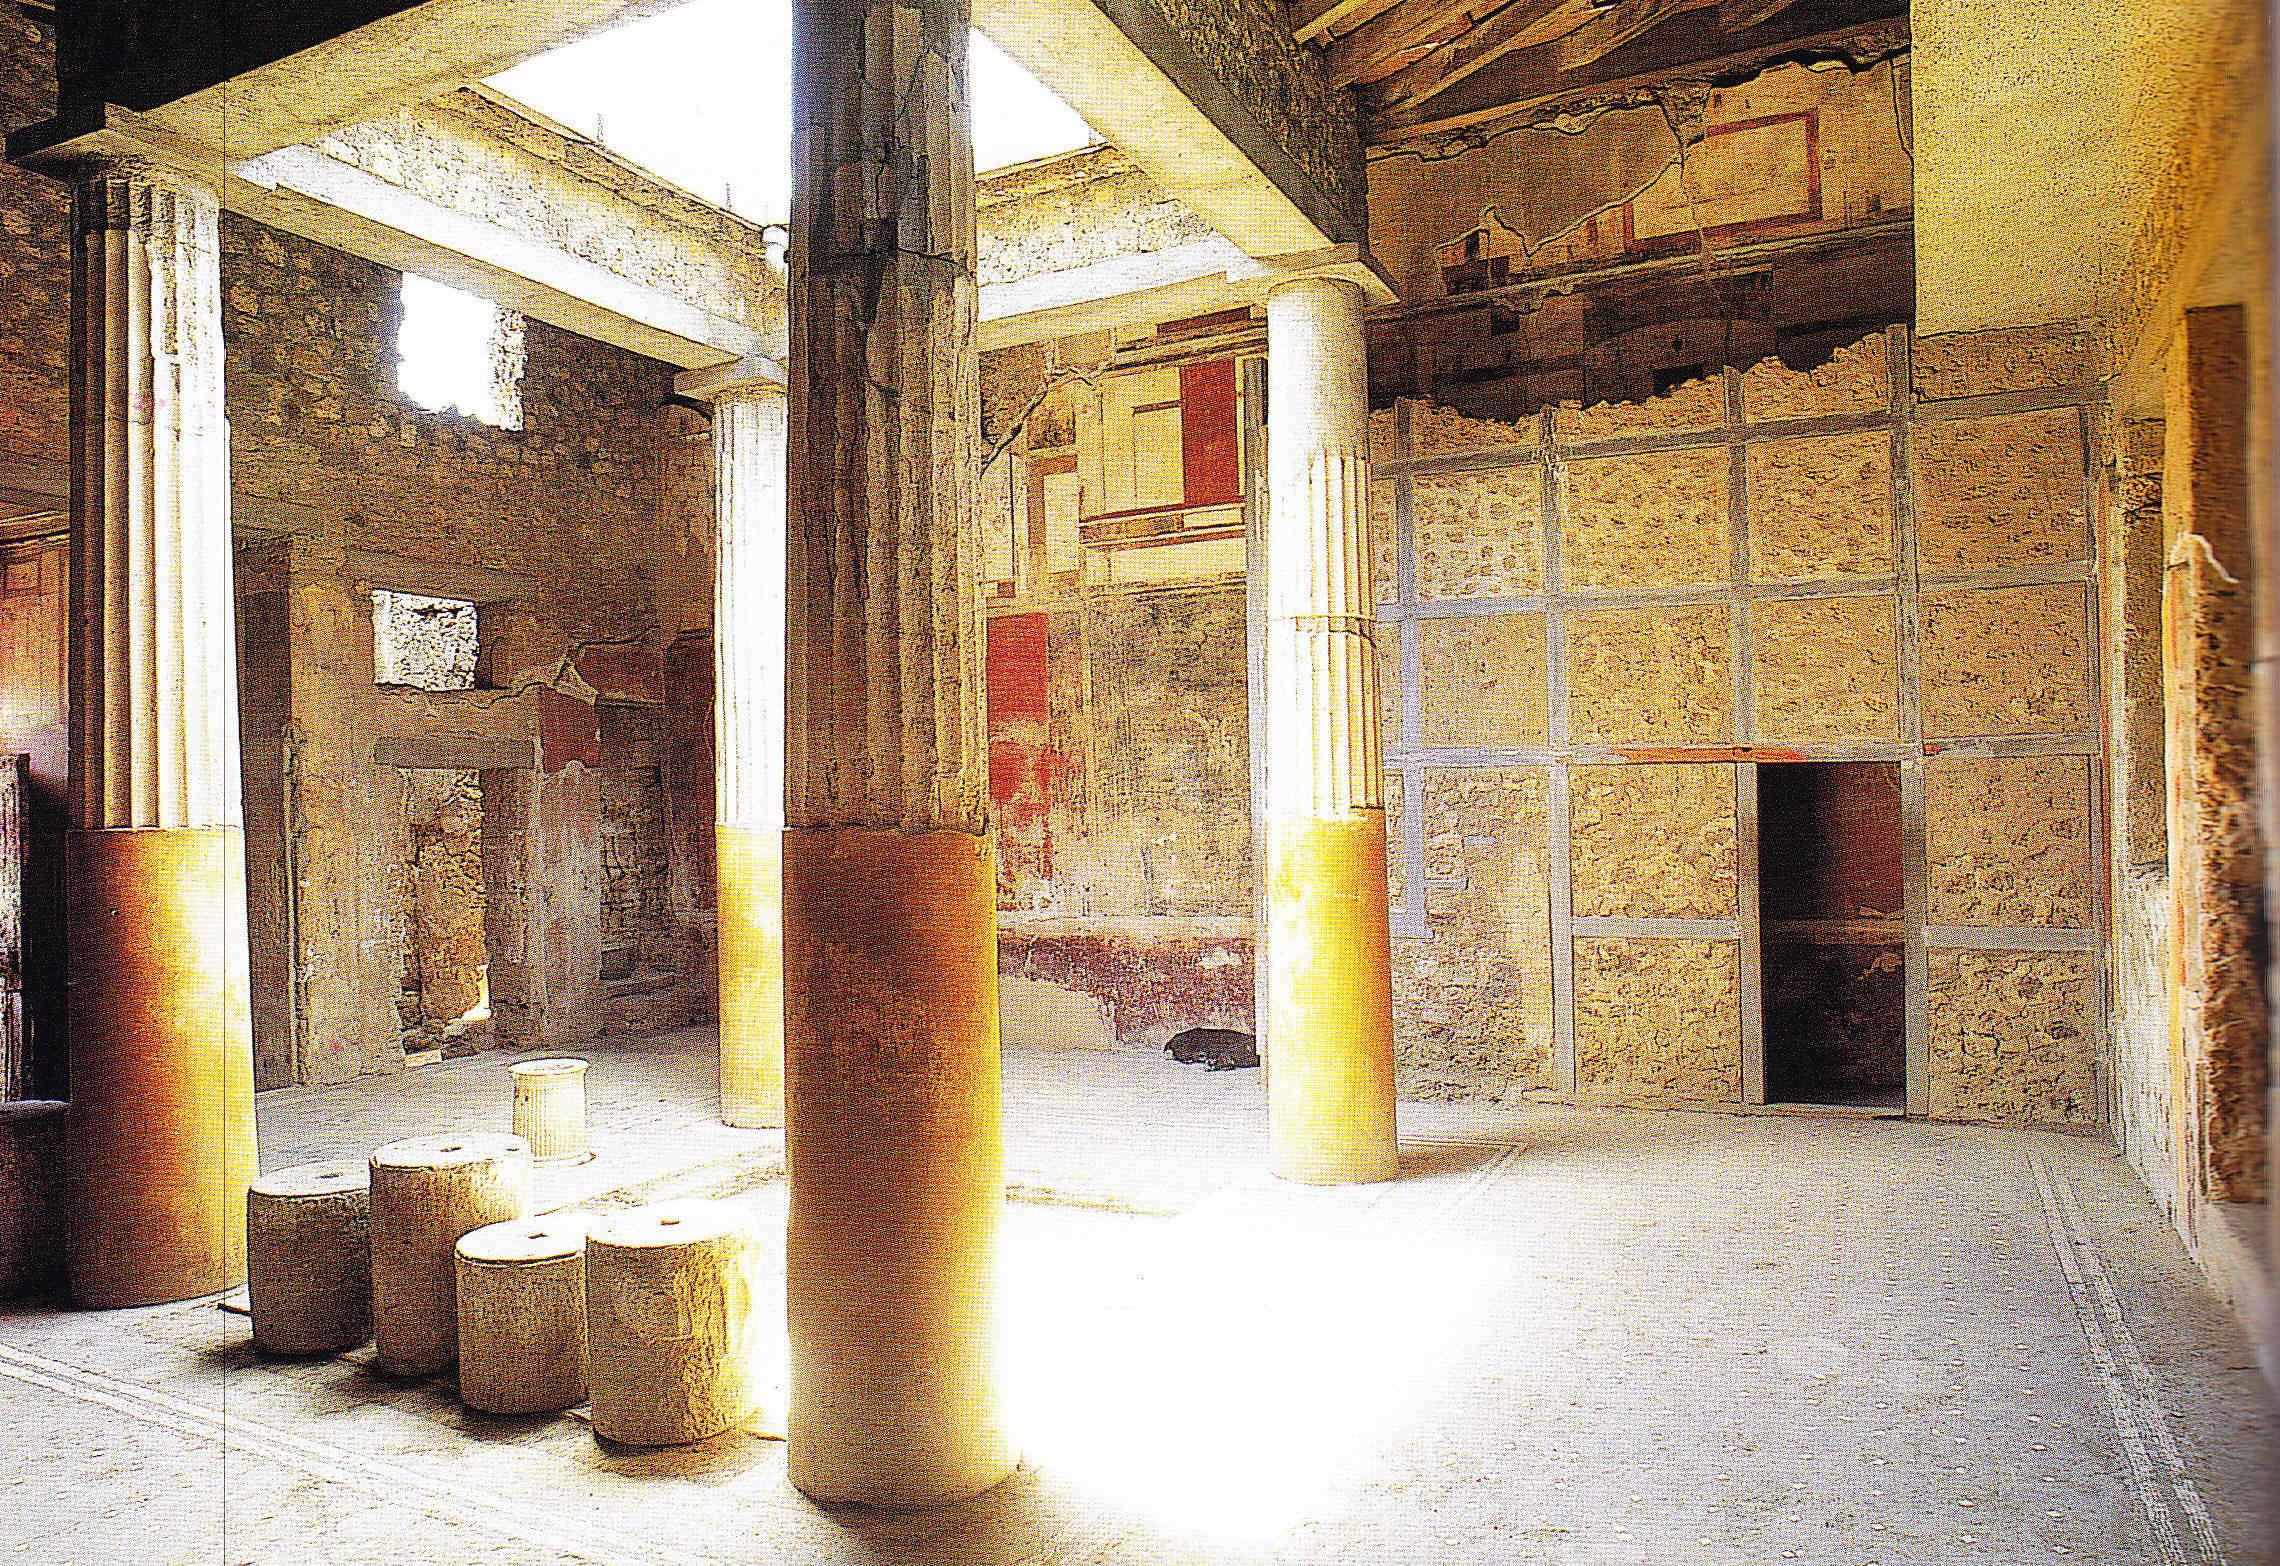 Egipto Antiguo 203 Leyes de Julio César sobre Derecho romano